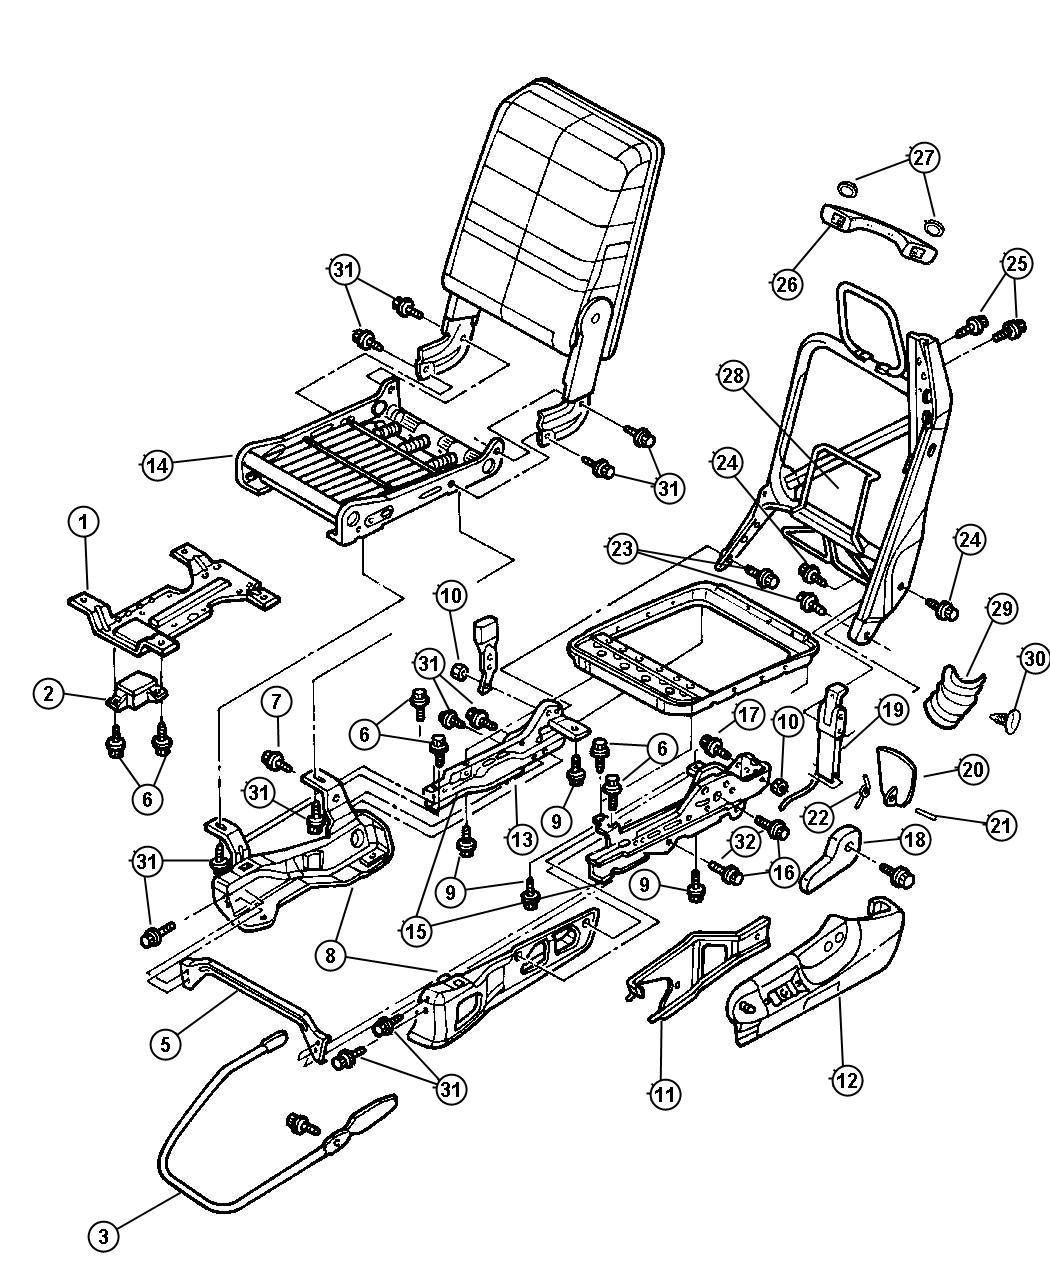 2000 Dodge Ram 2500 Shield  Driver  Seat Cushion  Manual